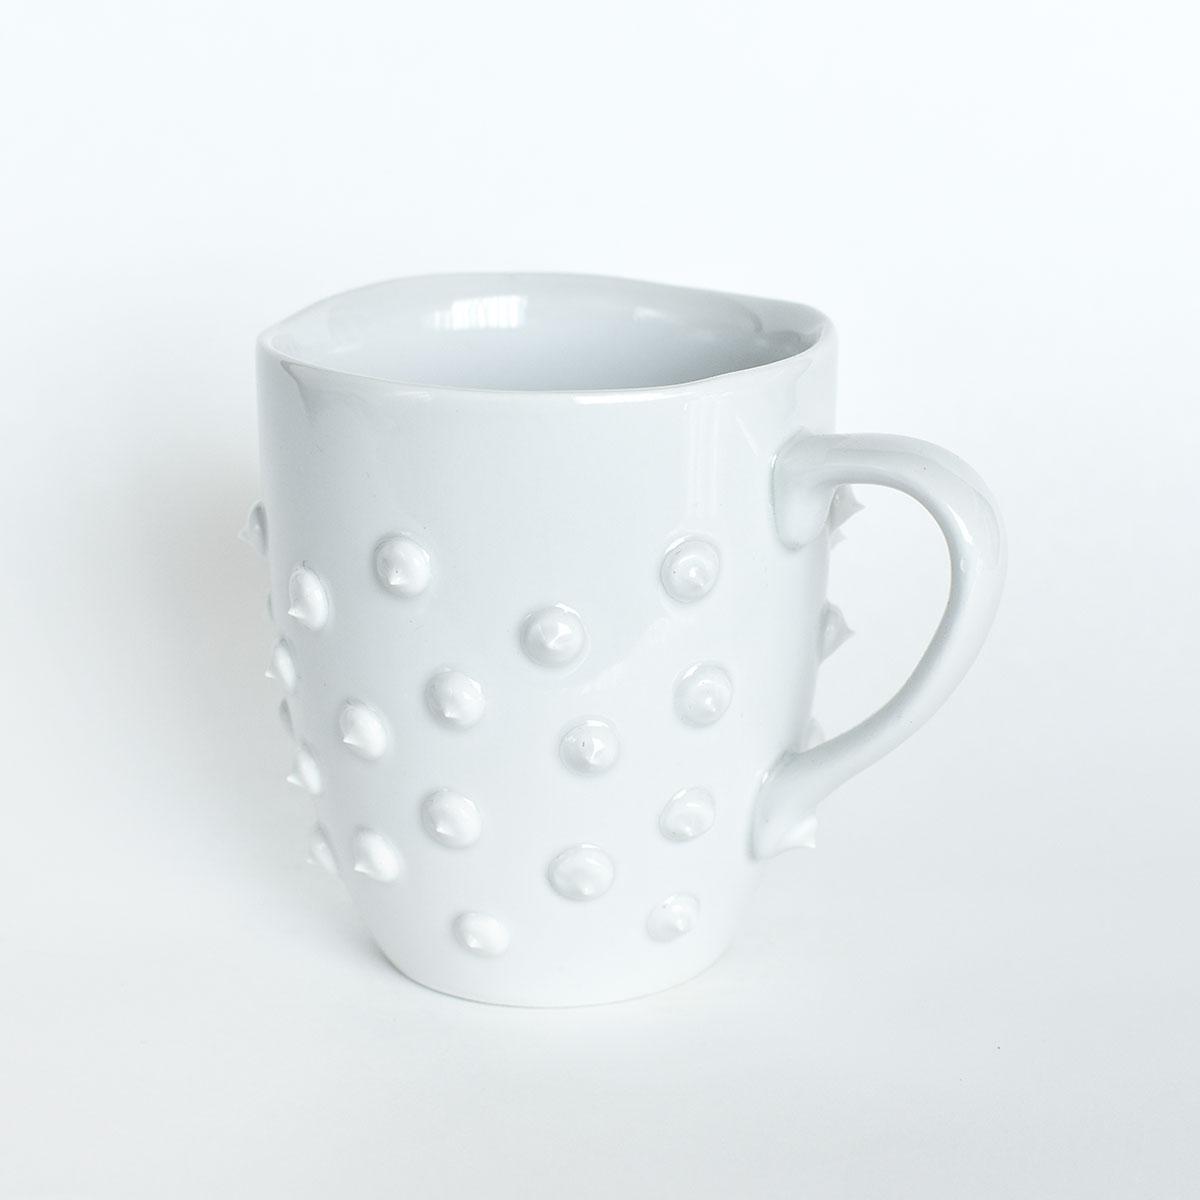 картинка Средняя белая кружка с шипами 1 - DishWishes.Ru